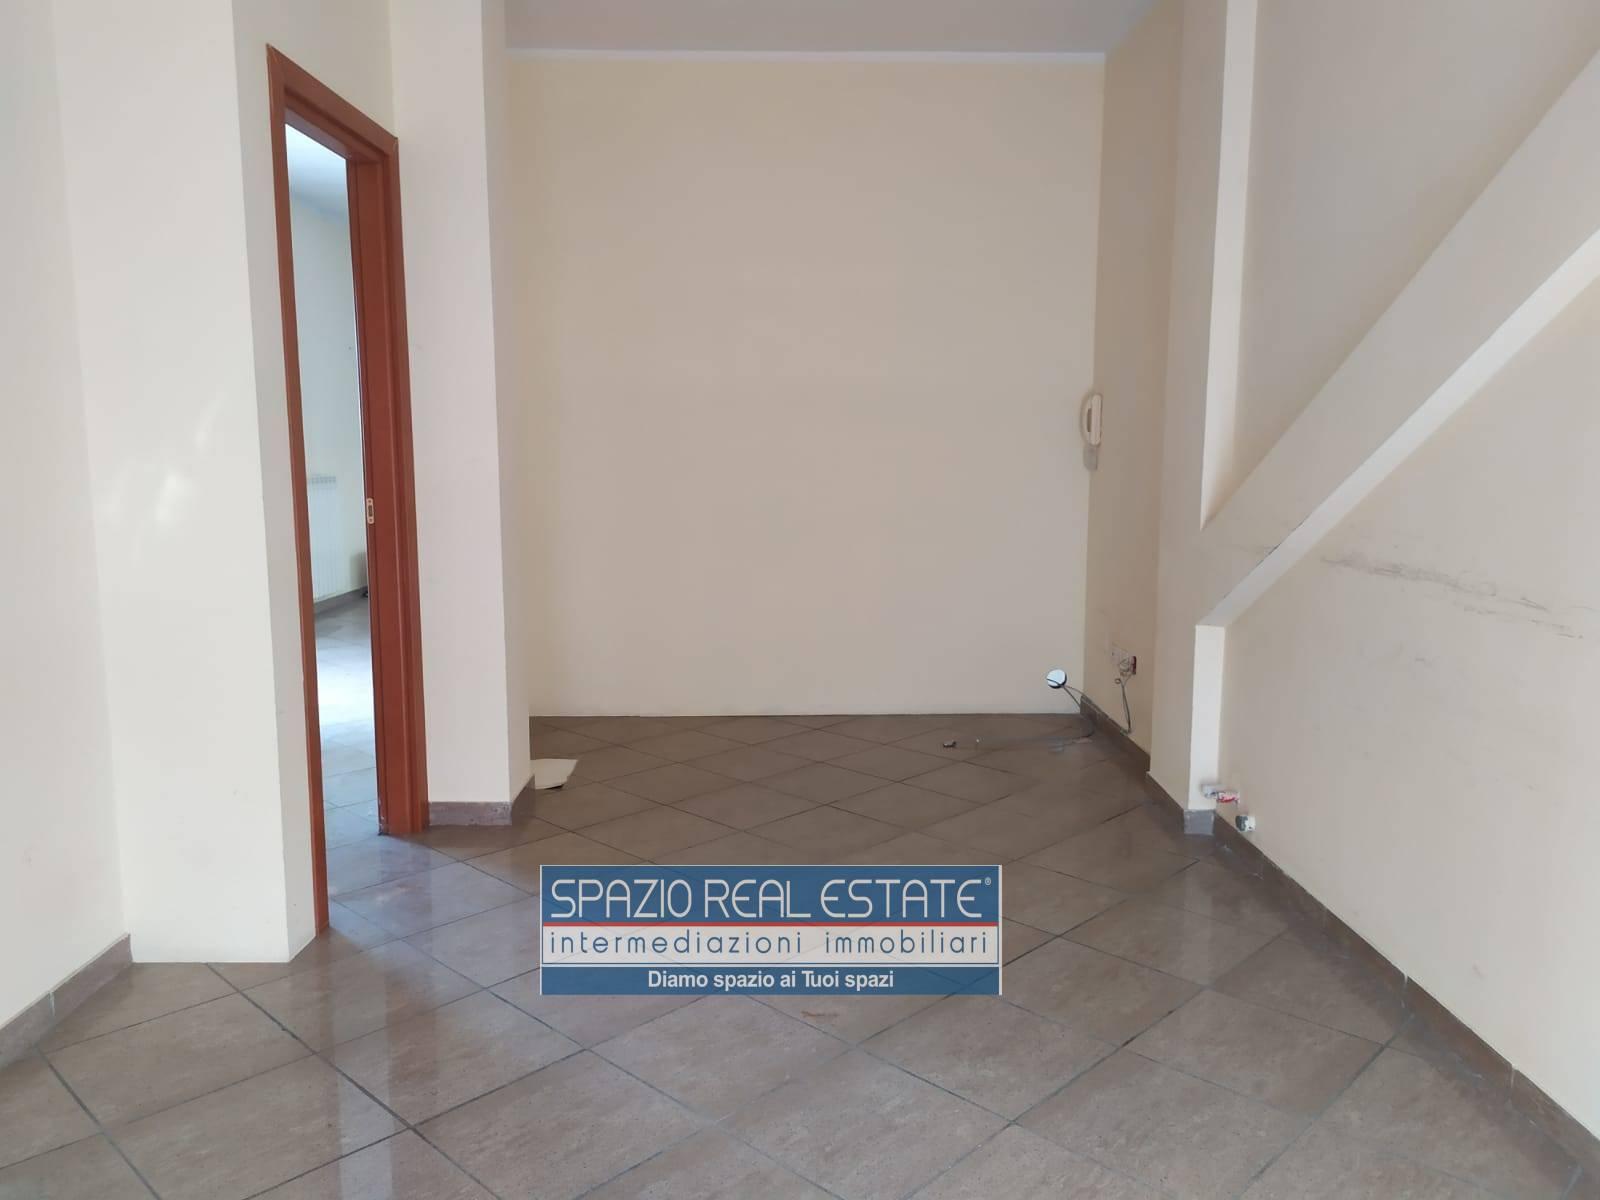 Studio/Ufficio in Affitto a San Giovanni Teatino Cod. 1221A